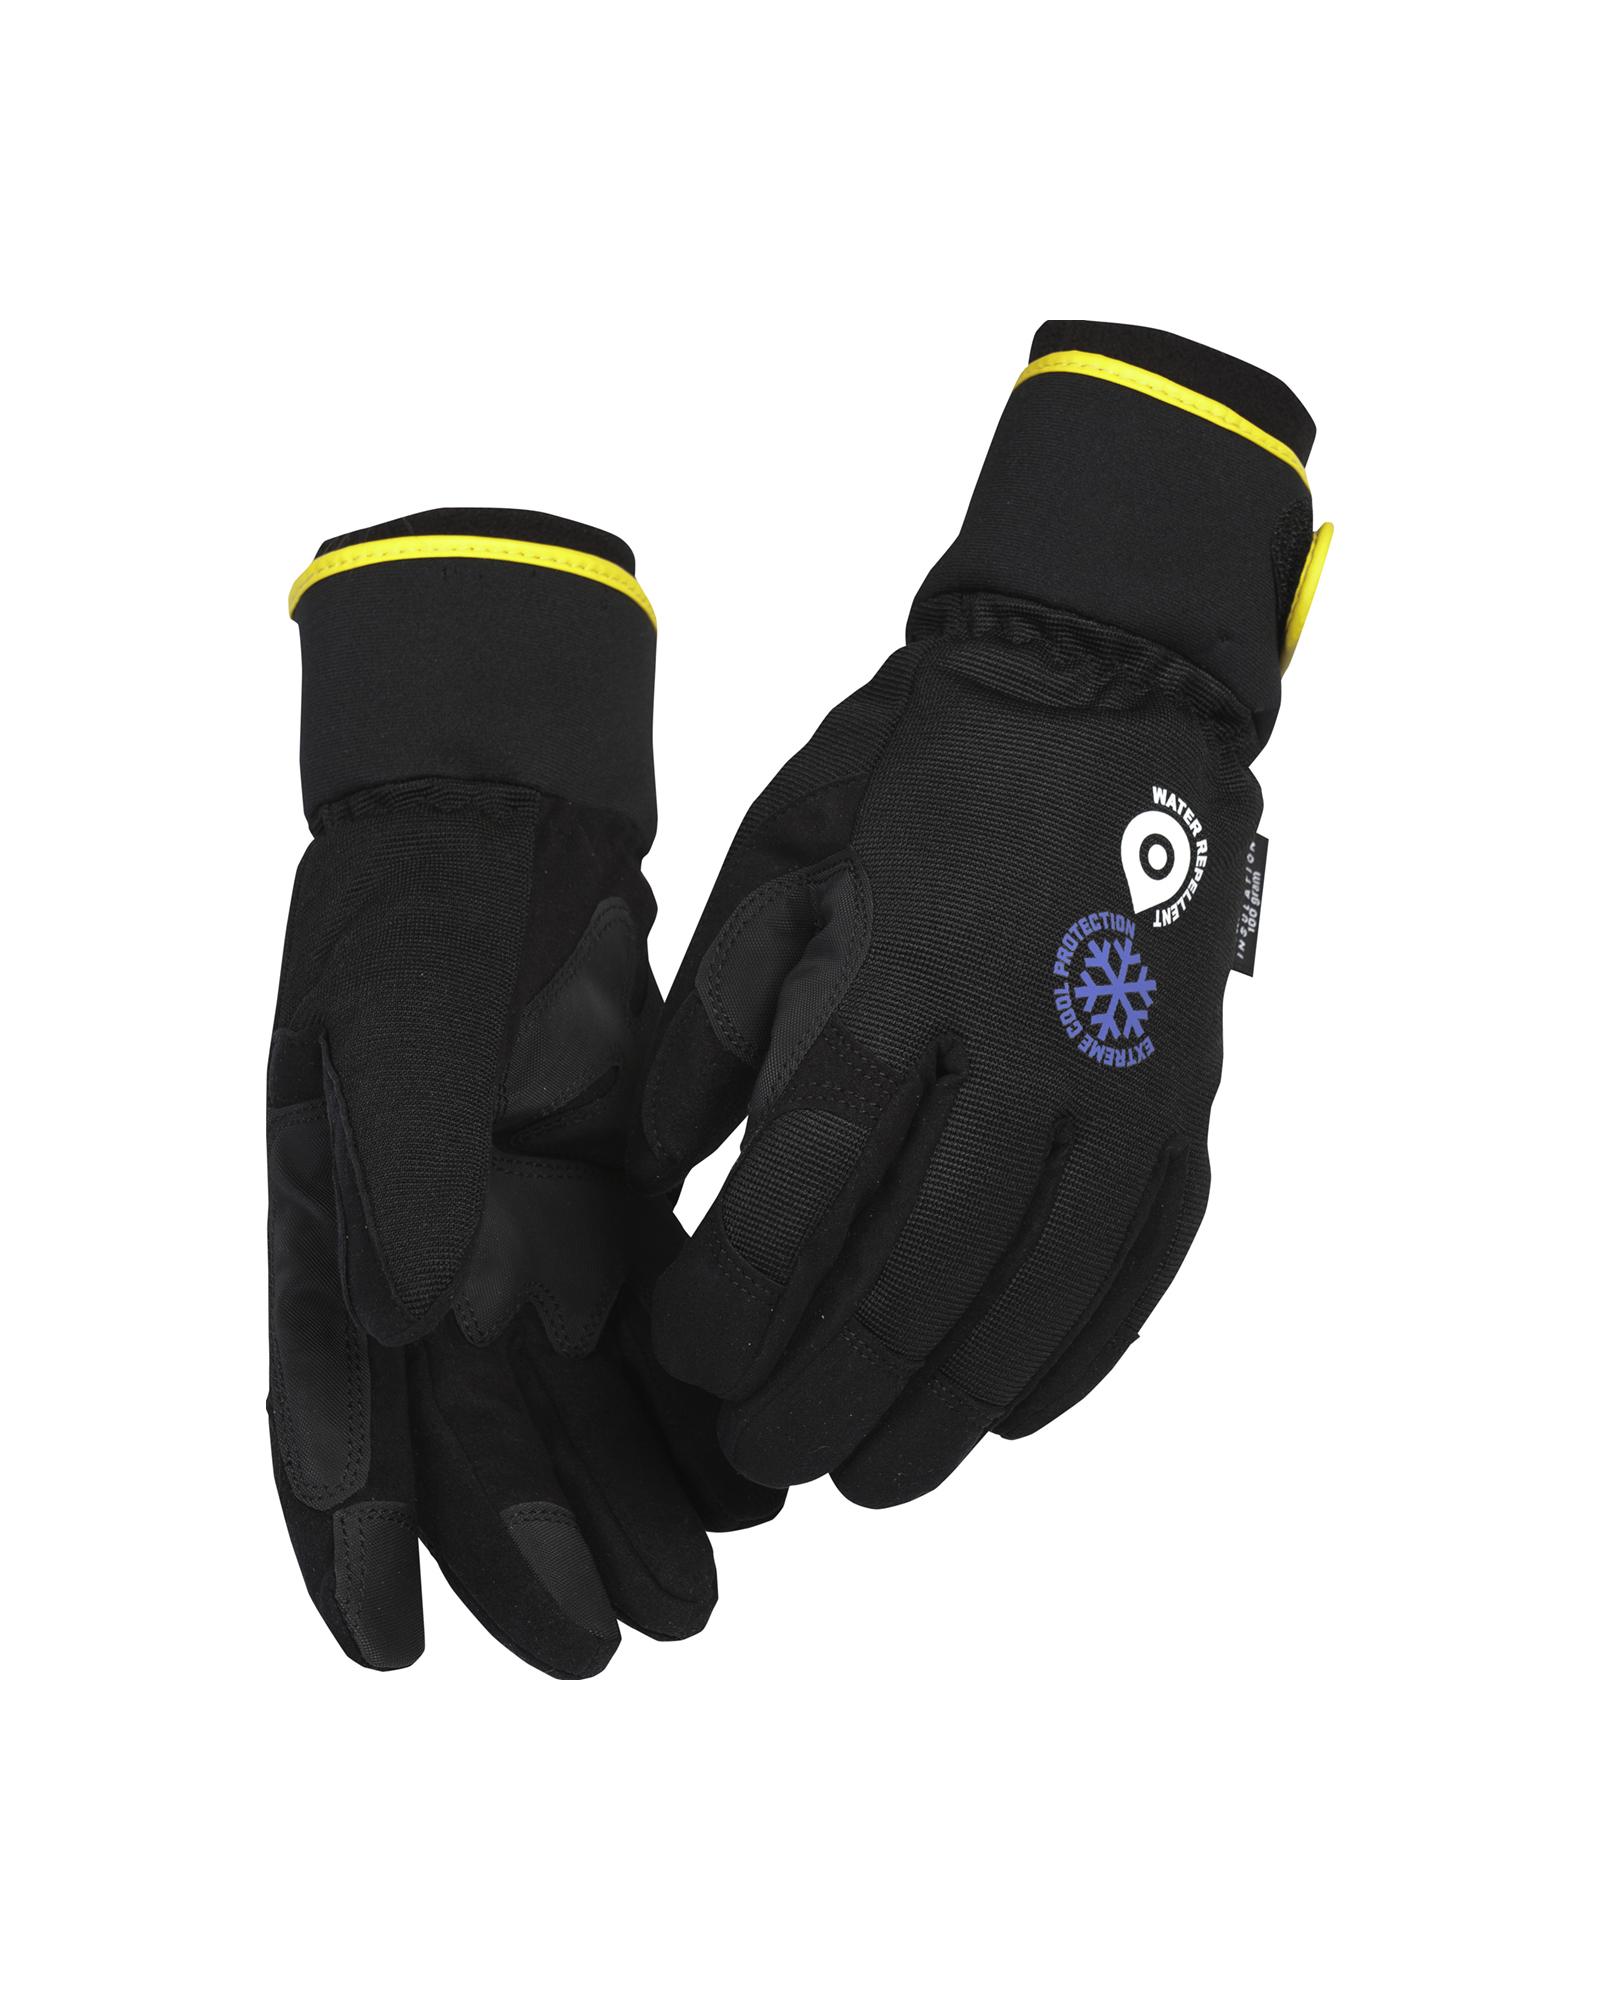 gant de travail hiver thinsulate gloves 22493945 bl kl der. Black Bedroom Furniture Sets. Home Design Ideas